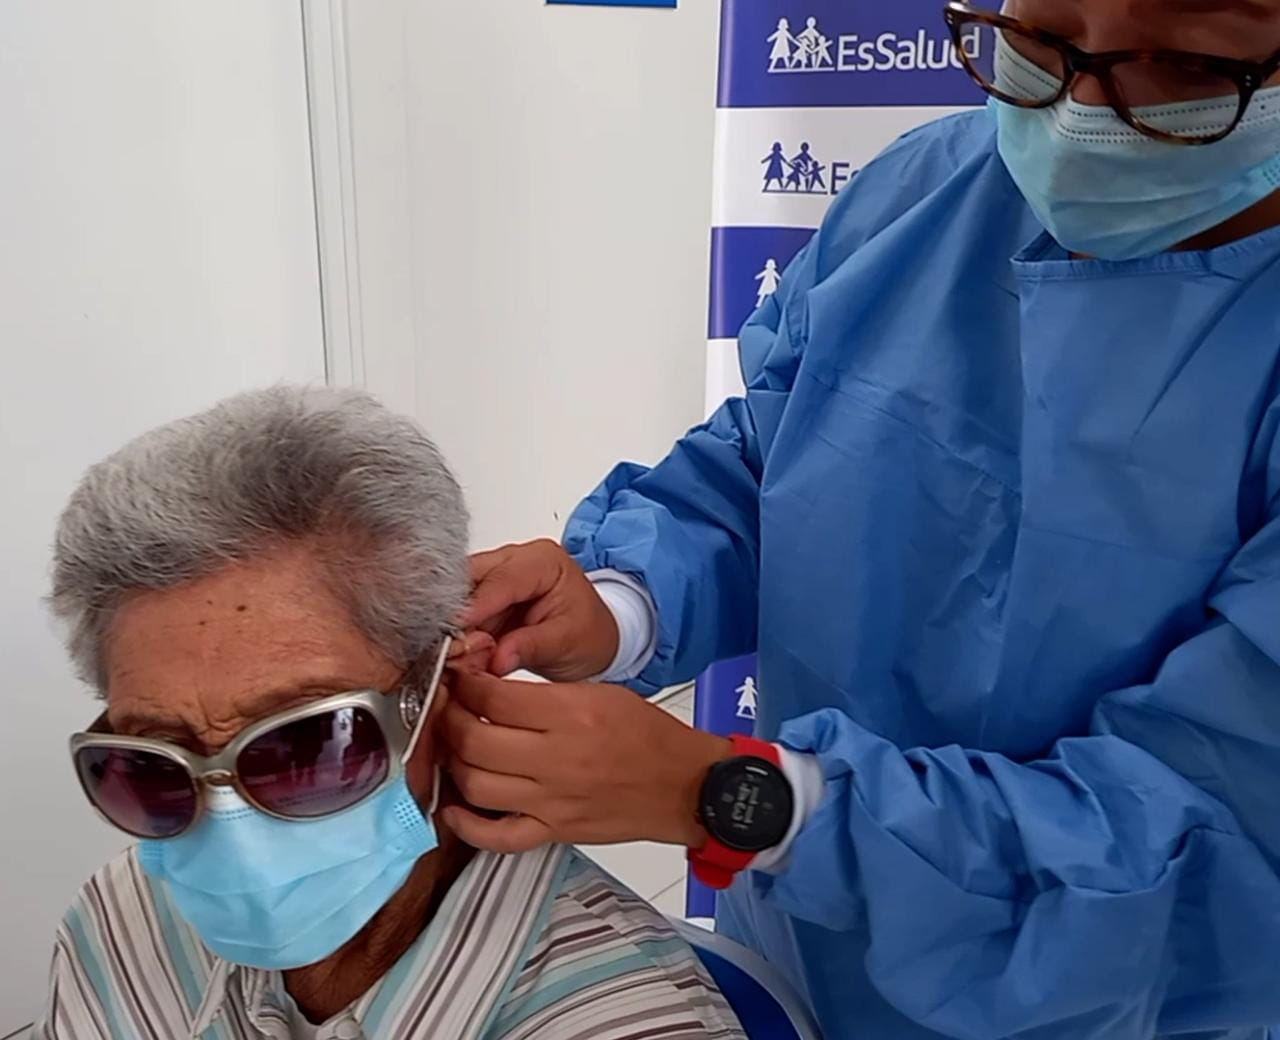 Essalud - EsSalud Moquegua: adultos mayores vencen al Covid-19 y recuperan la audición tras recibir audífonos especiales